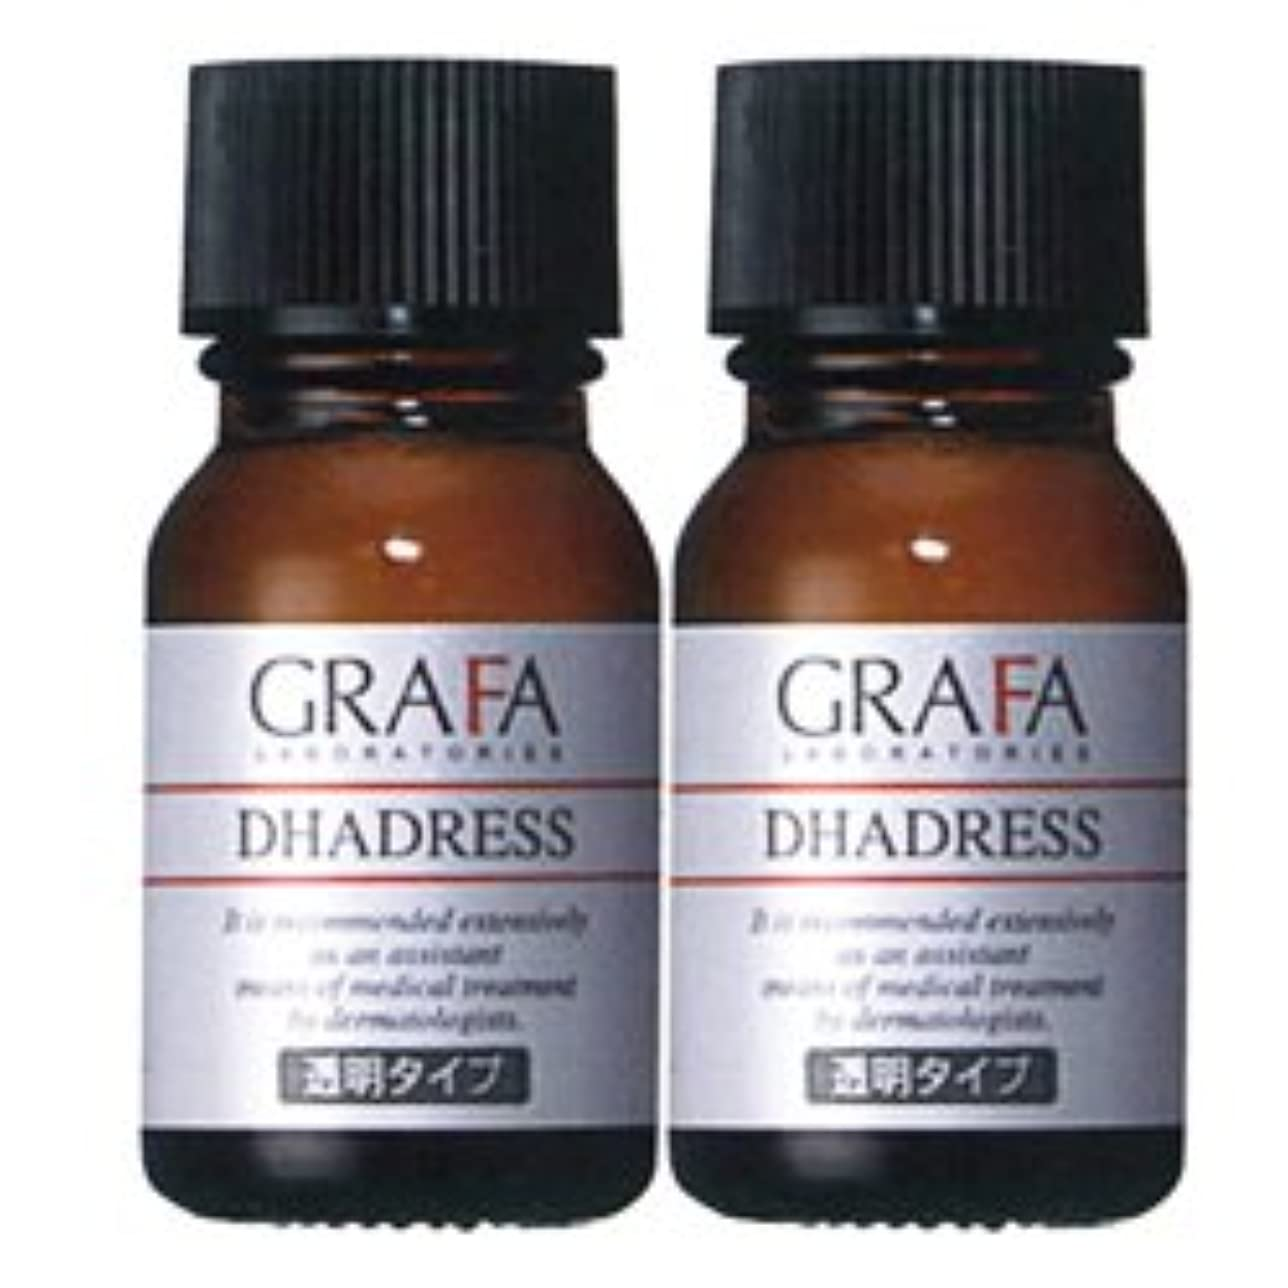 アサート核桁グラファ ダドレス (透明タイプ) 11mL 着色用化粧水 GRAFA DHADRESS